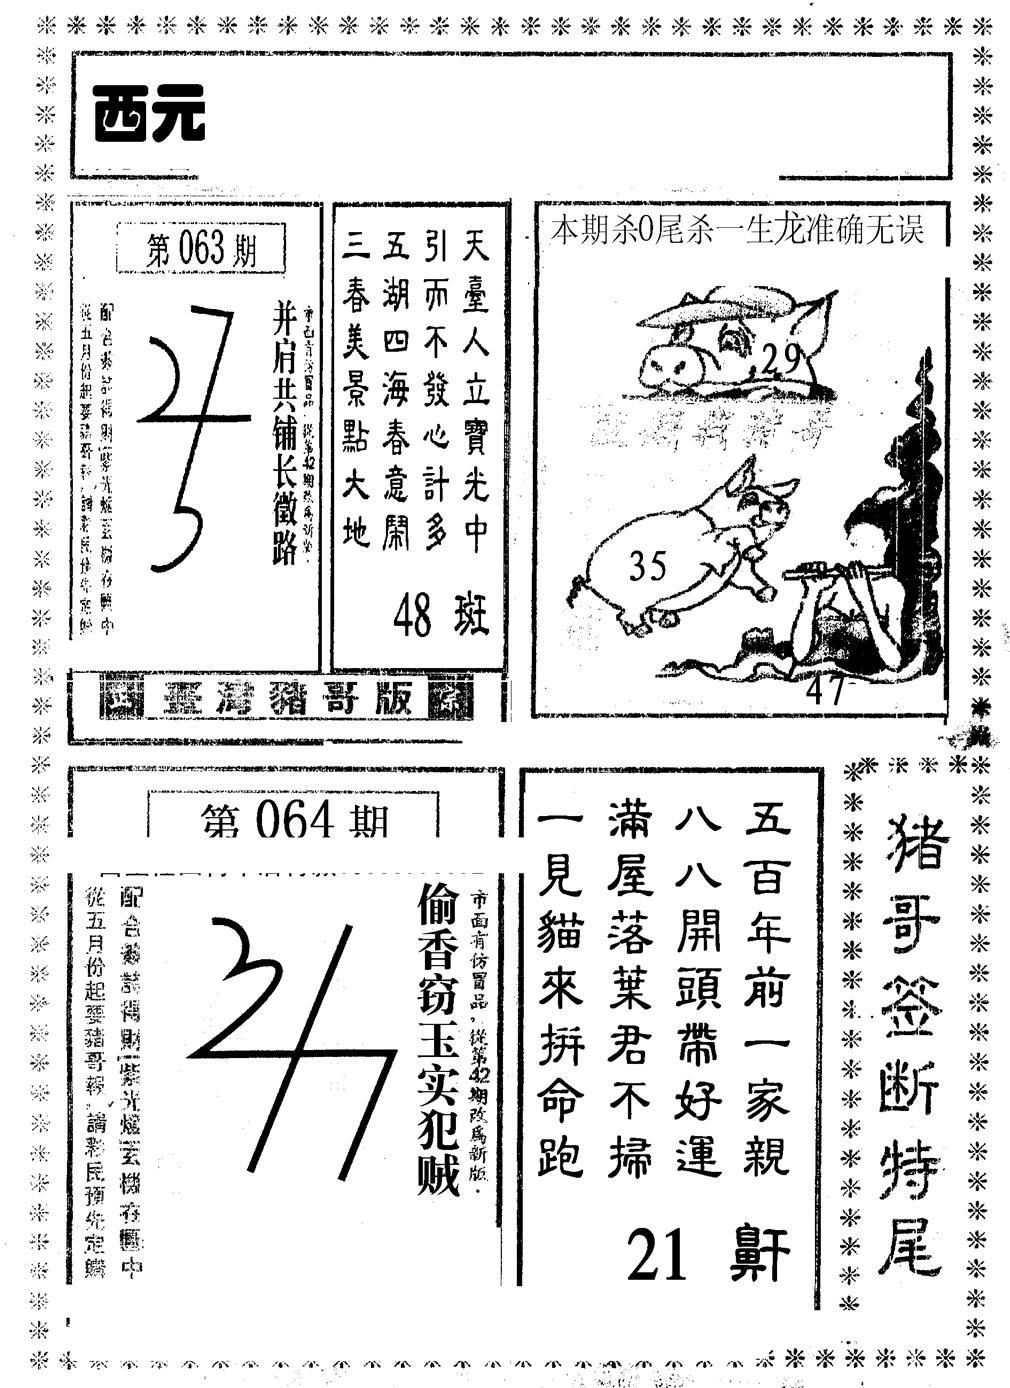 064期猪哥段特尾(黑白)